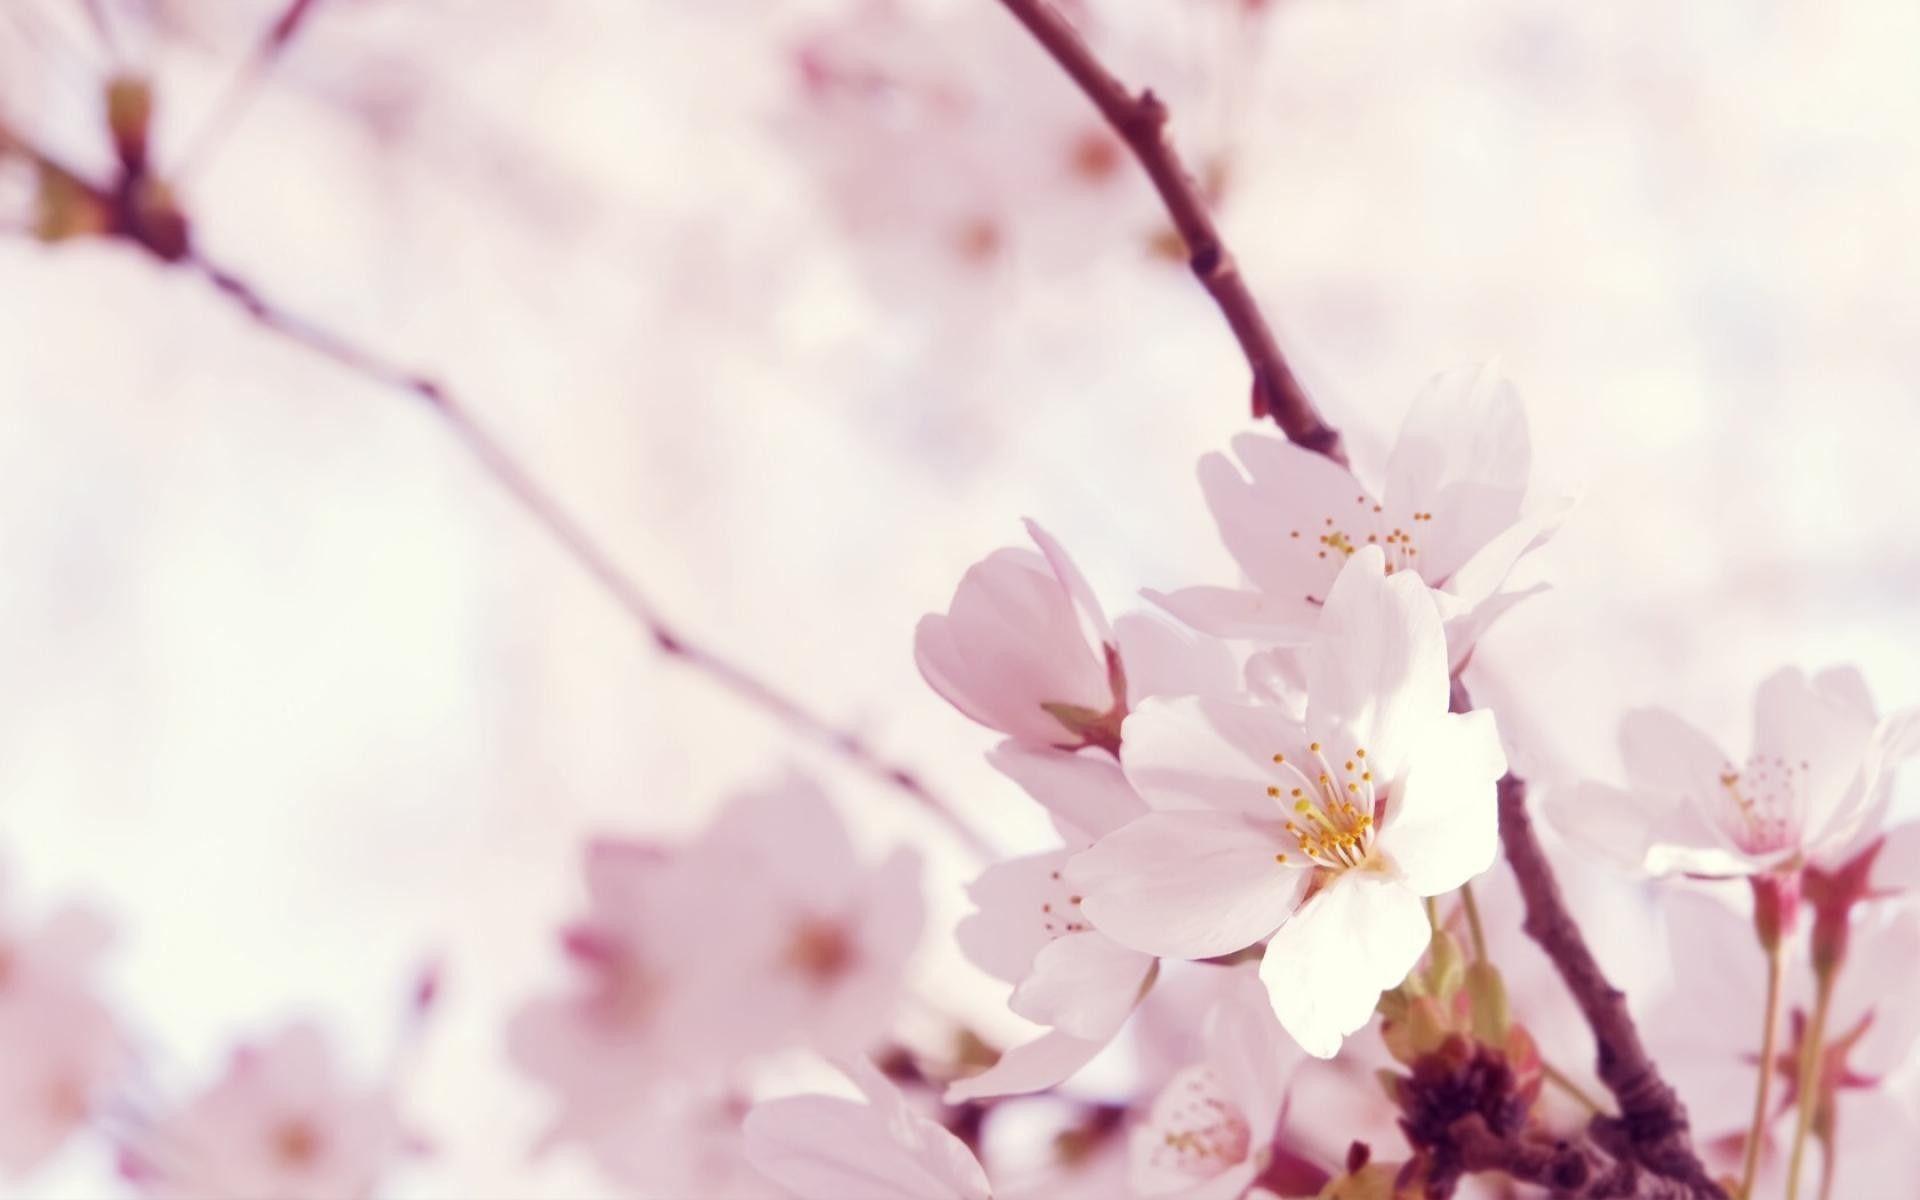 Full HD 1080p Flowers Wallpapers, Desktop Backgrounds HD